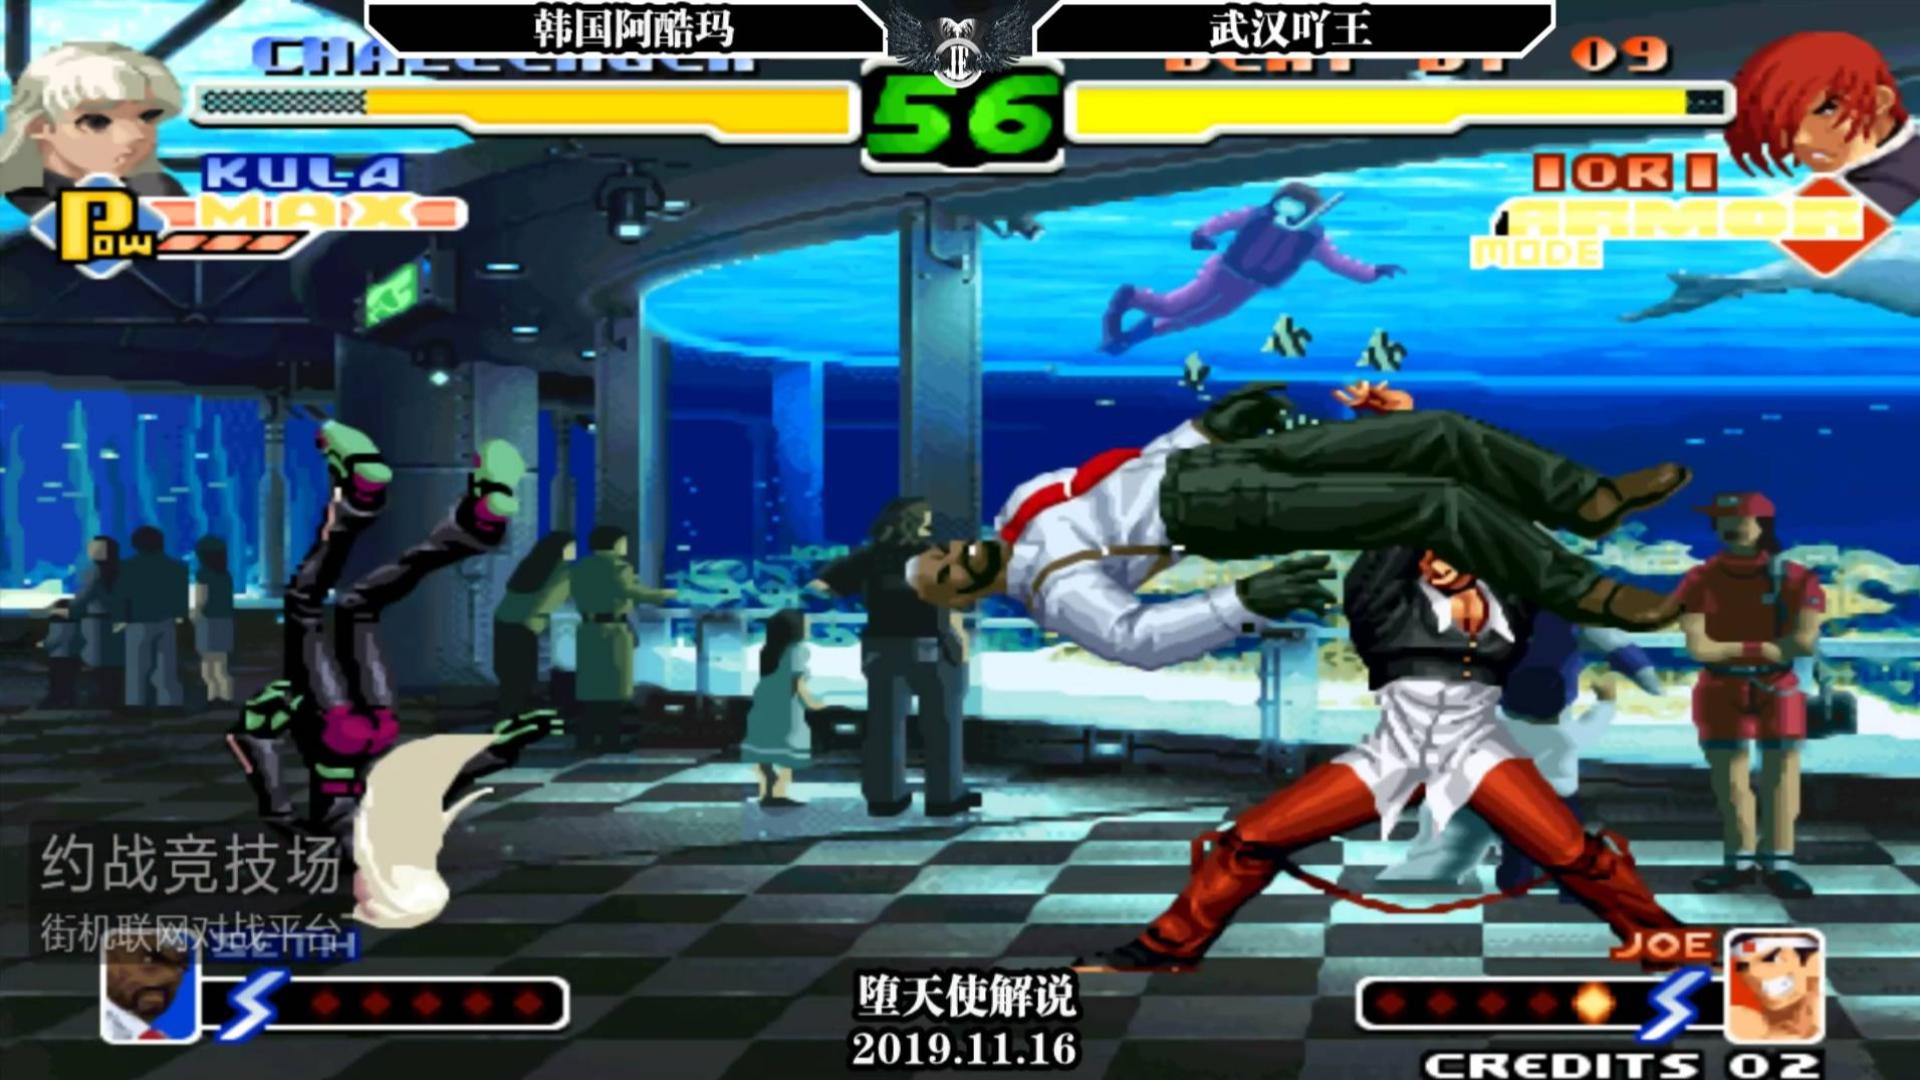 拳皇2000吖王剃头韩国最强阿酷吗,这游戏属于我们的时代到来了!